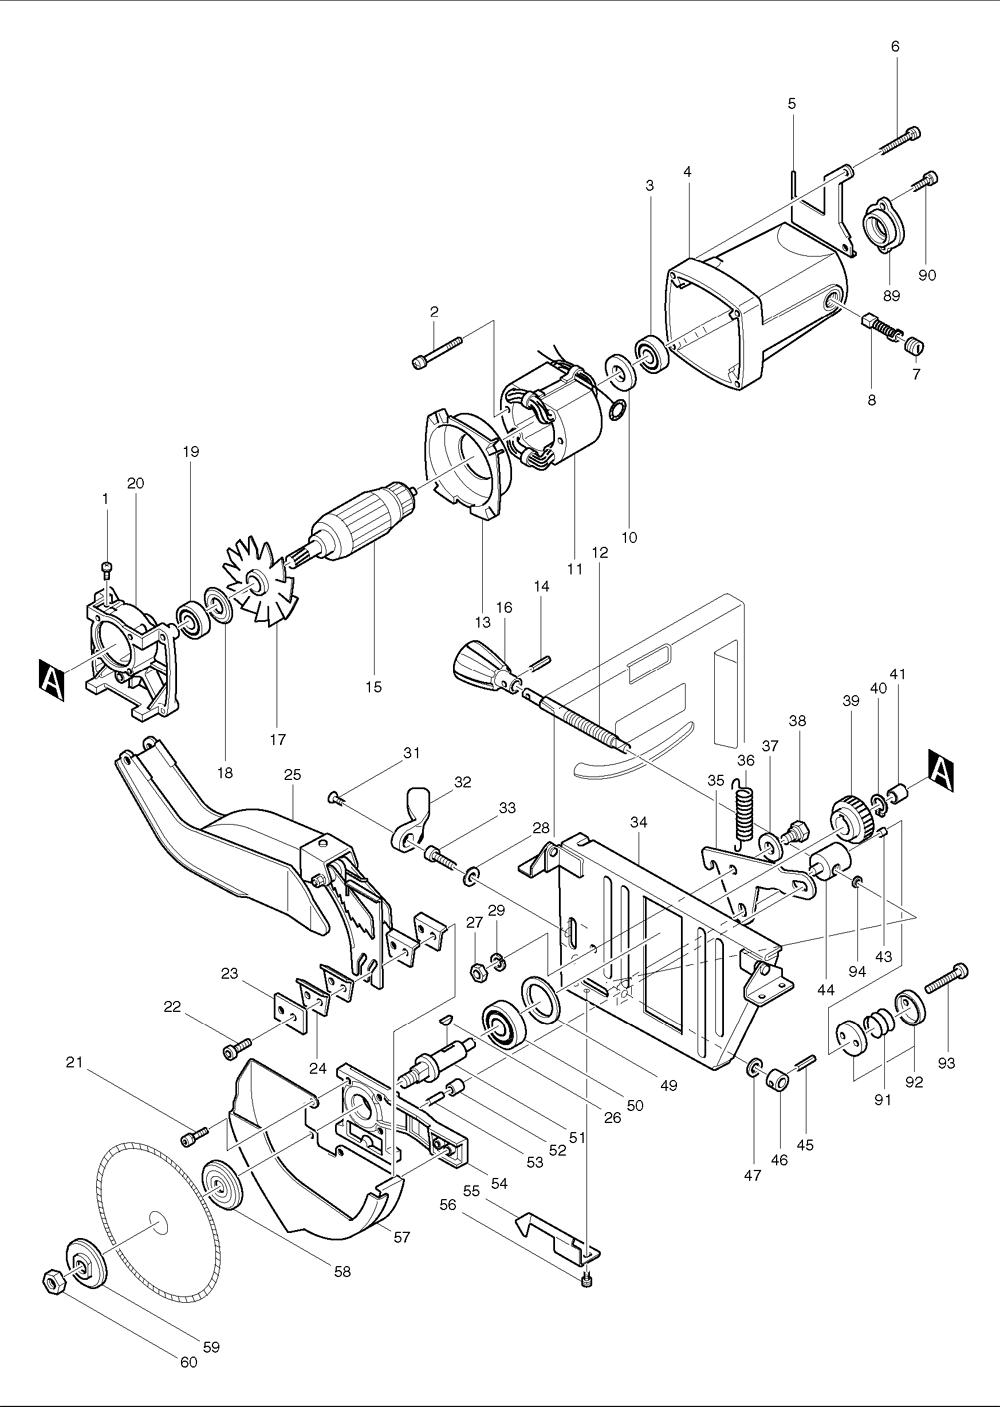 makita table saw 2711 wiring diagram custom wiring diagram u2022 rh littlewaves co  makita table saw 2711 wiring diagram